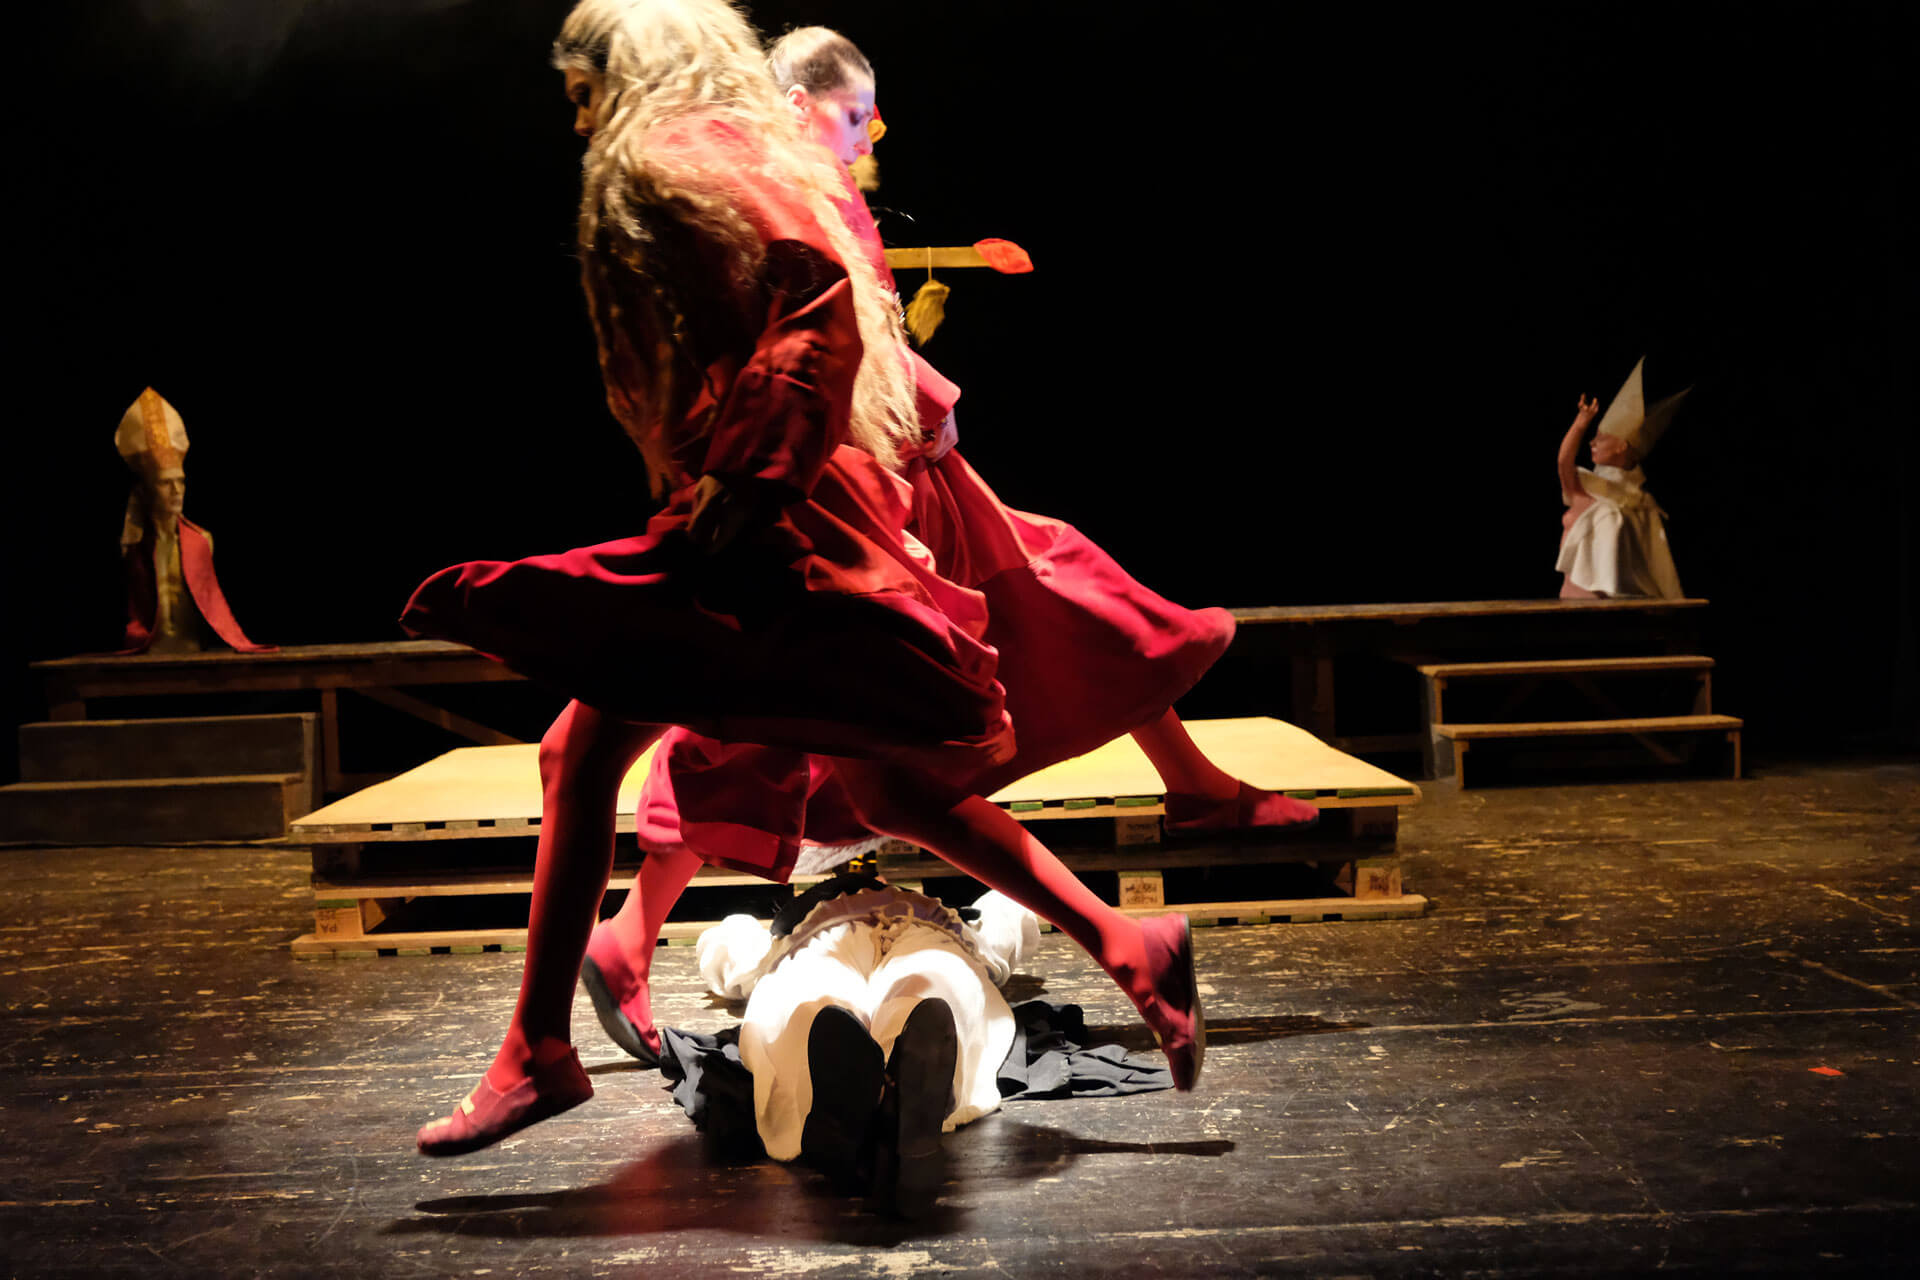 gruppo-teatro-colli-giordano-bruno-2019-8